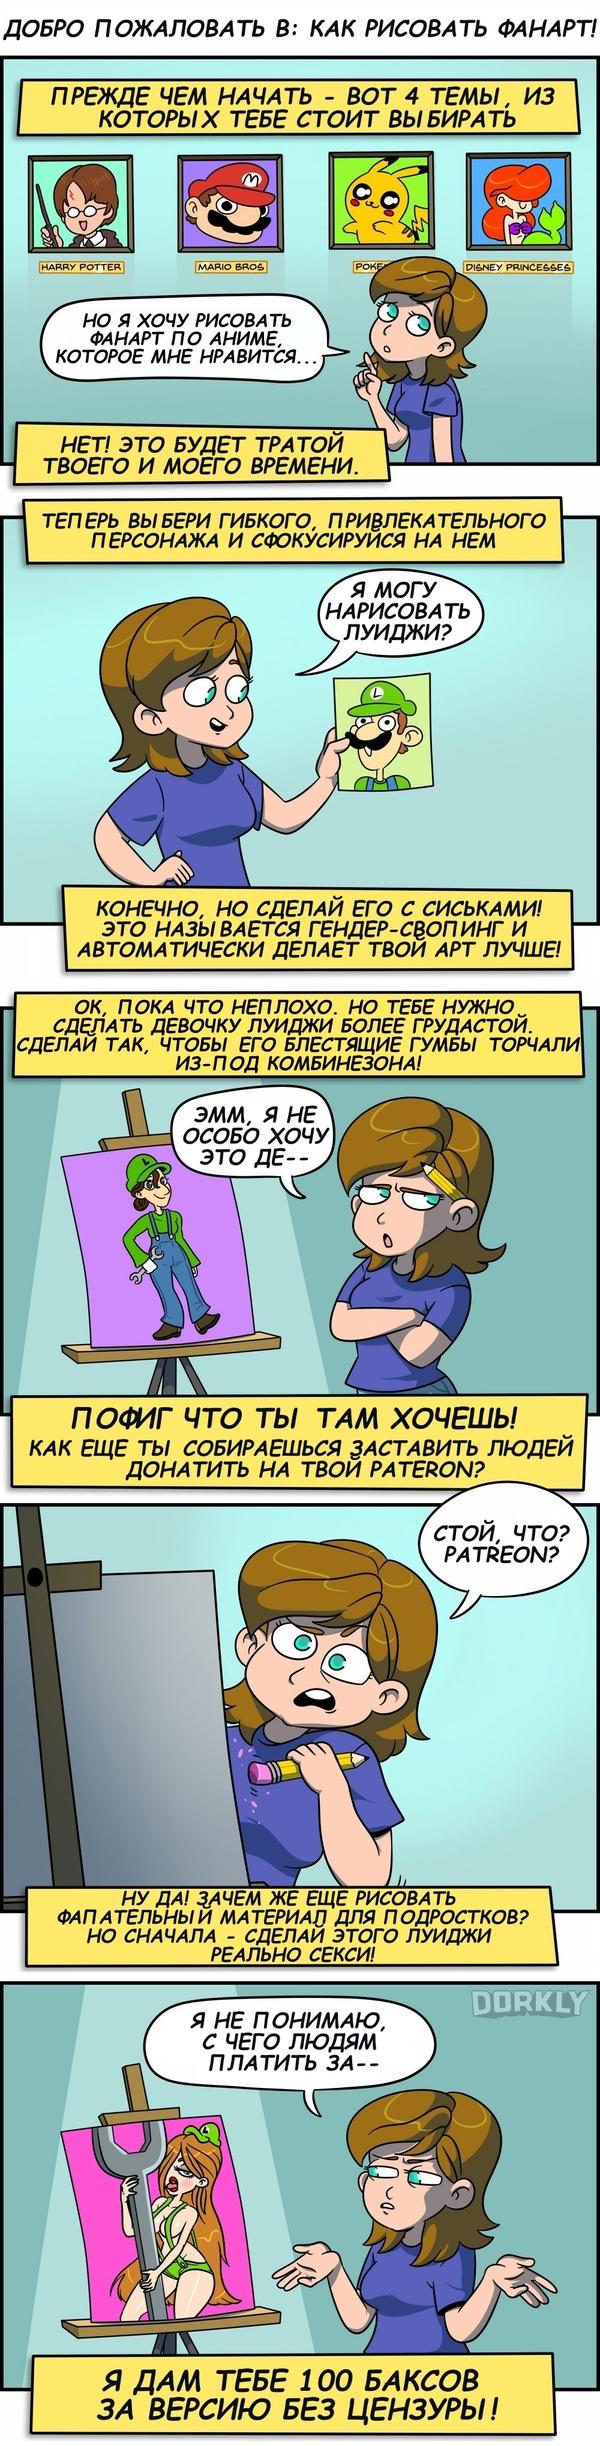 Как рисовать фанарт Комиксы, луиджи, Nintendo, фан-арт, перевод, dorkly, юмор, марио, длиннопост